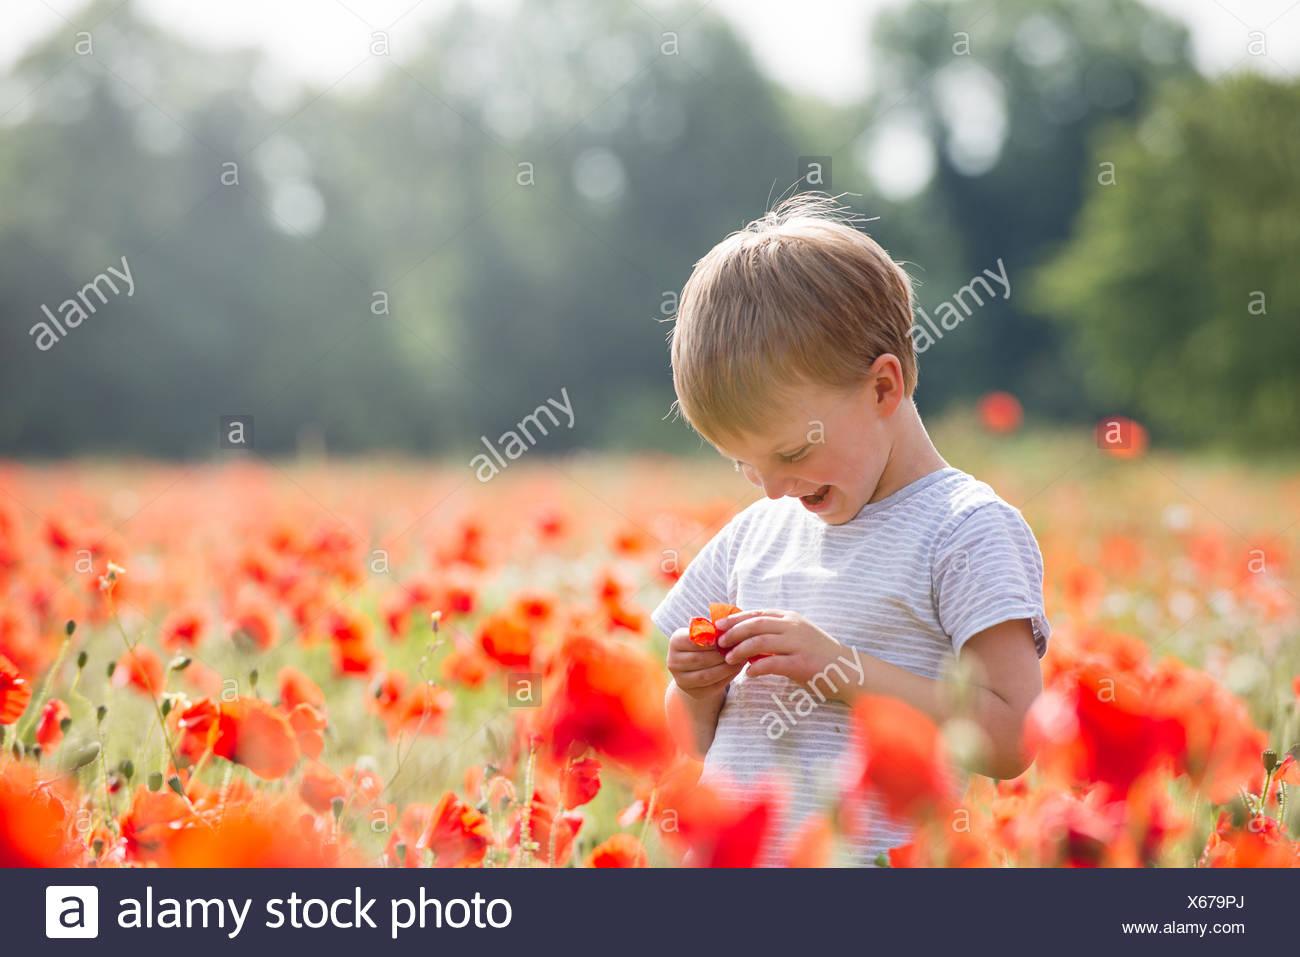 Sonriente Muchacho de pie en un campo de amapolas Imagen De Stock